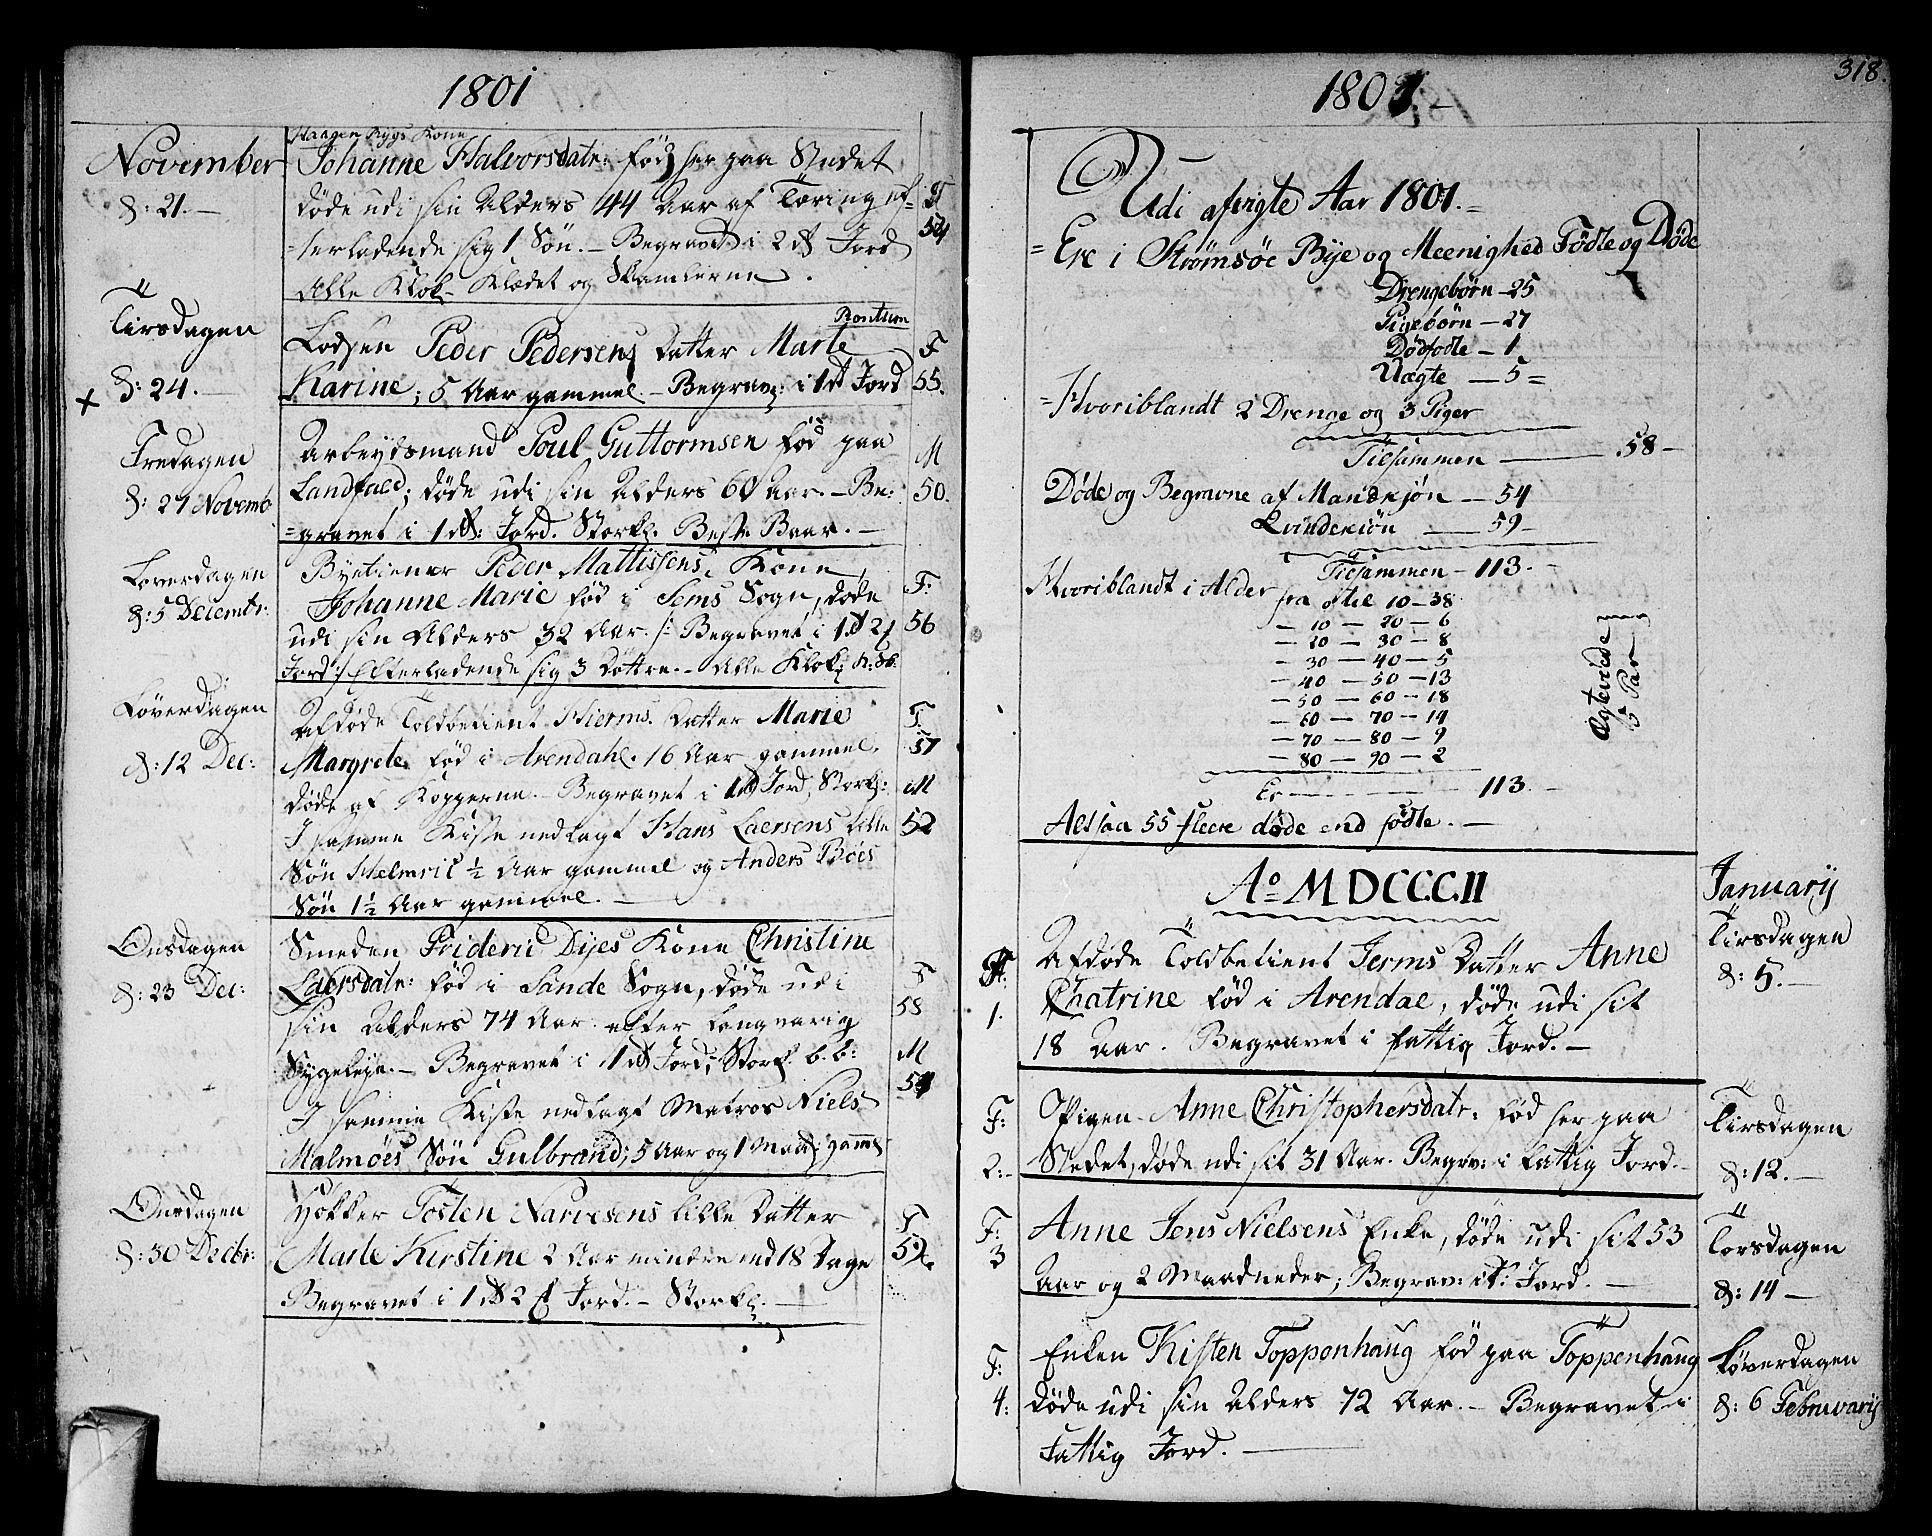 SAKO, Strømsø kirkebøker, F/Fa/L0010: Ministerialbok nr. I 10, 1792-1822, s. 318